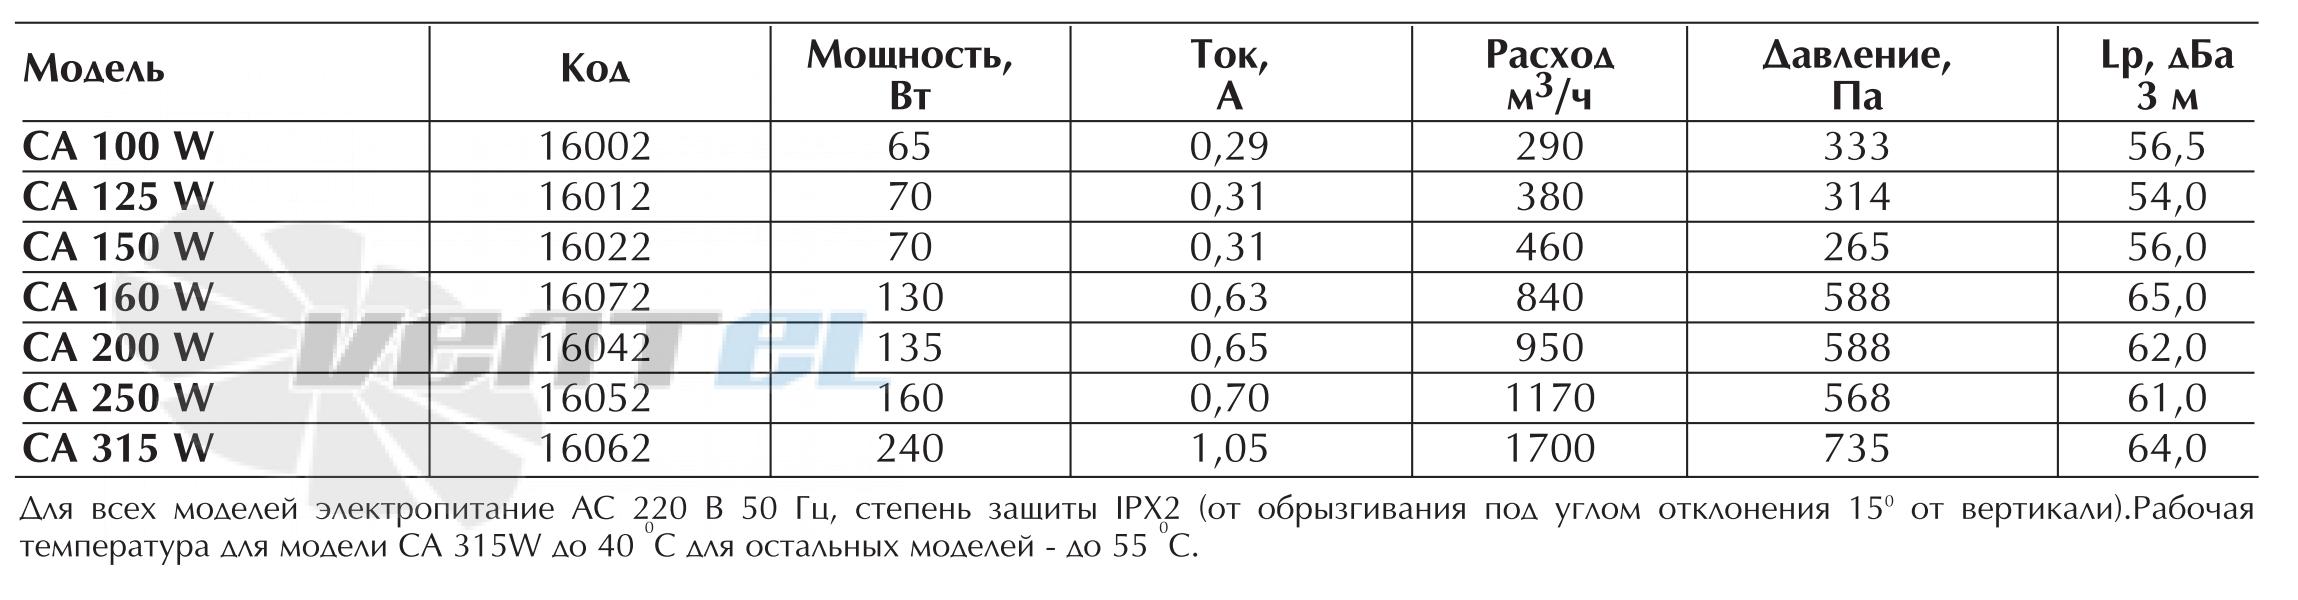 Характеристики вентилятора Vortice CA 315 W